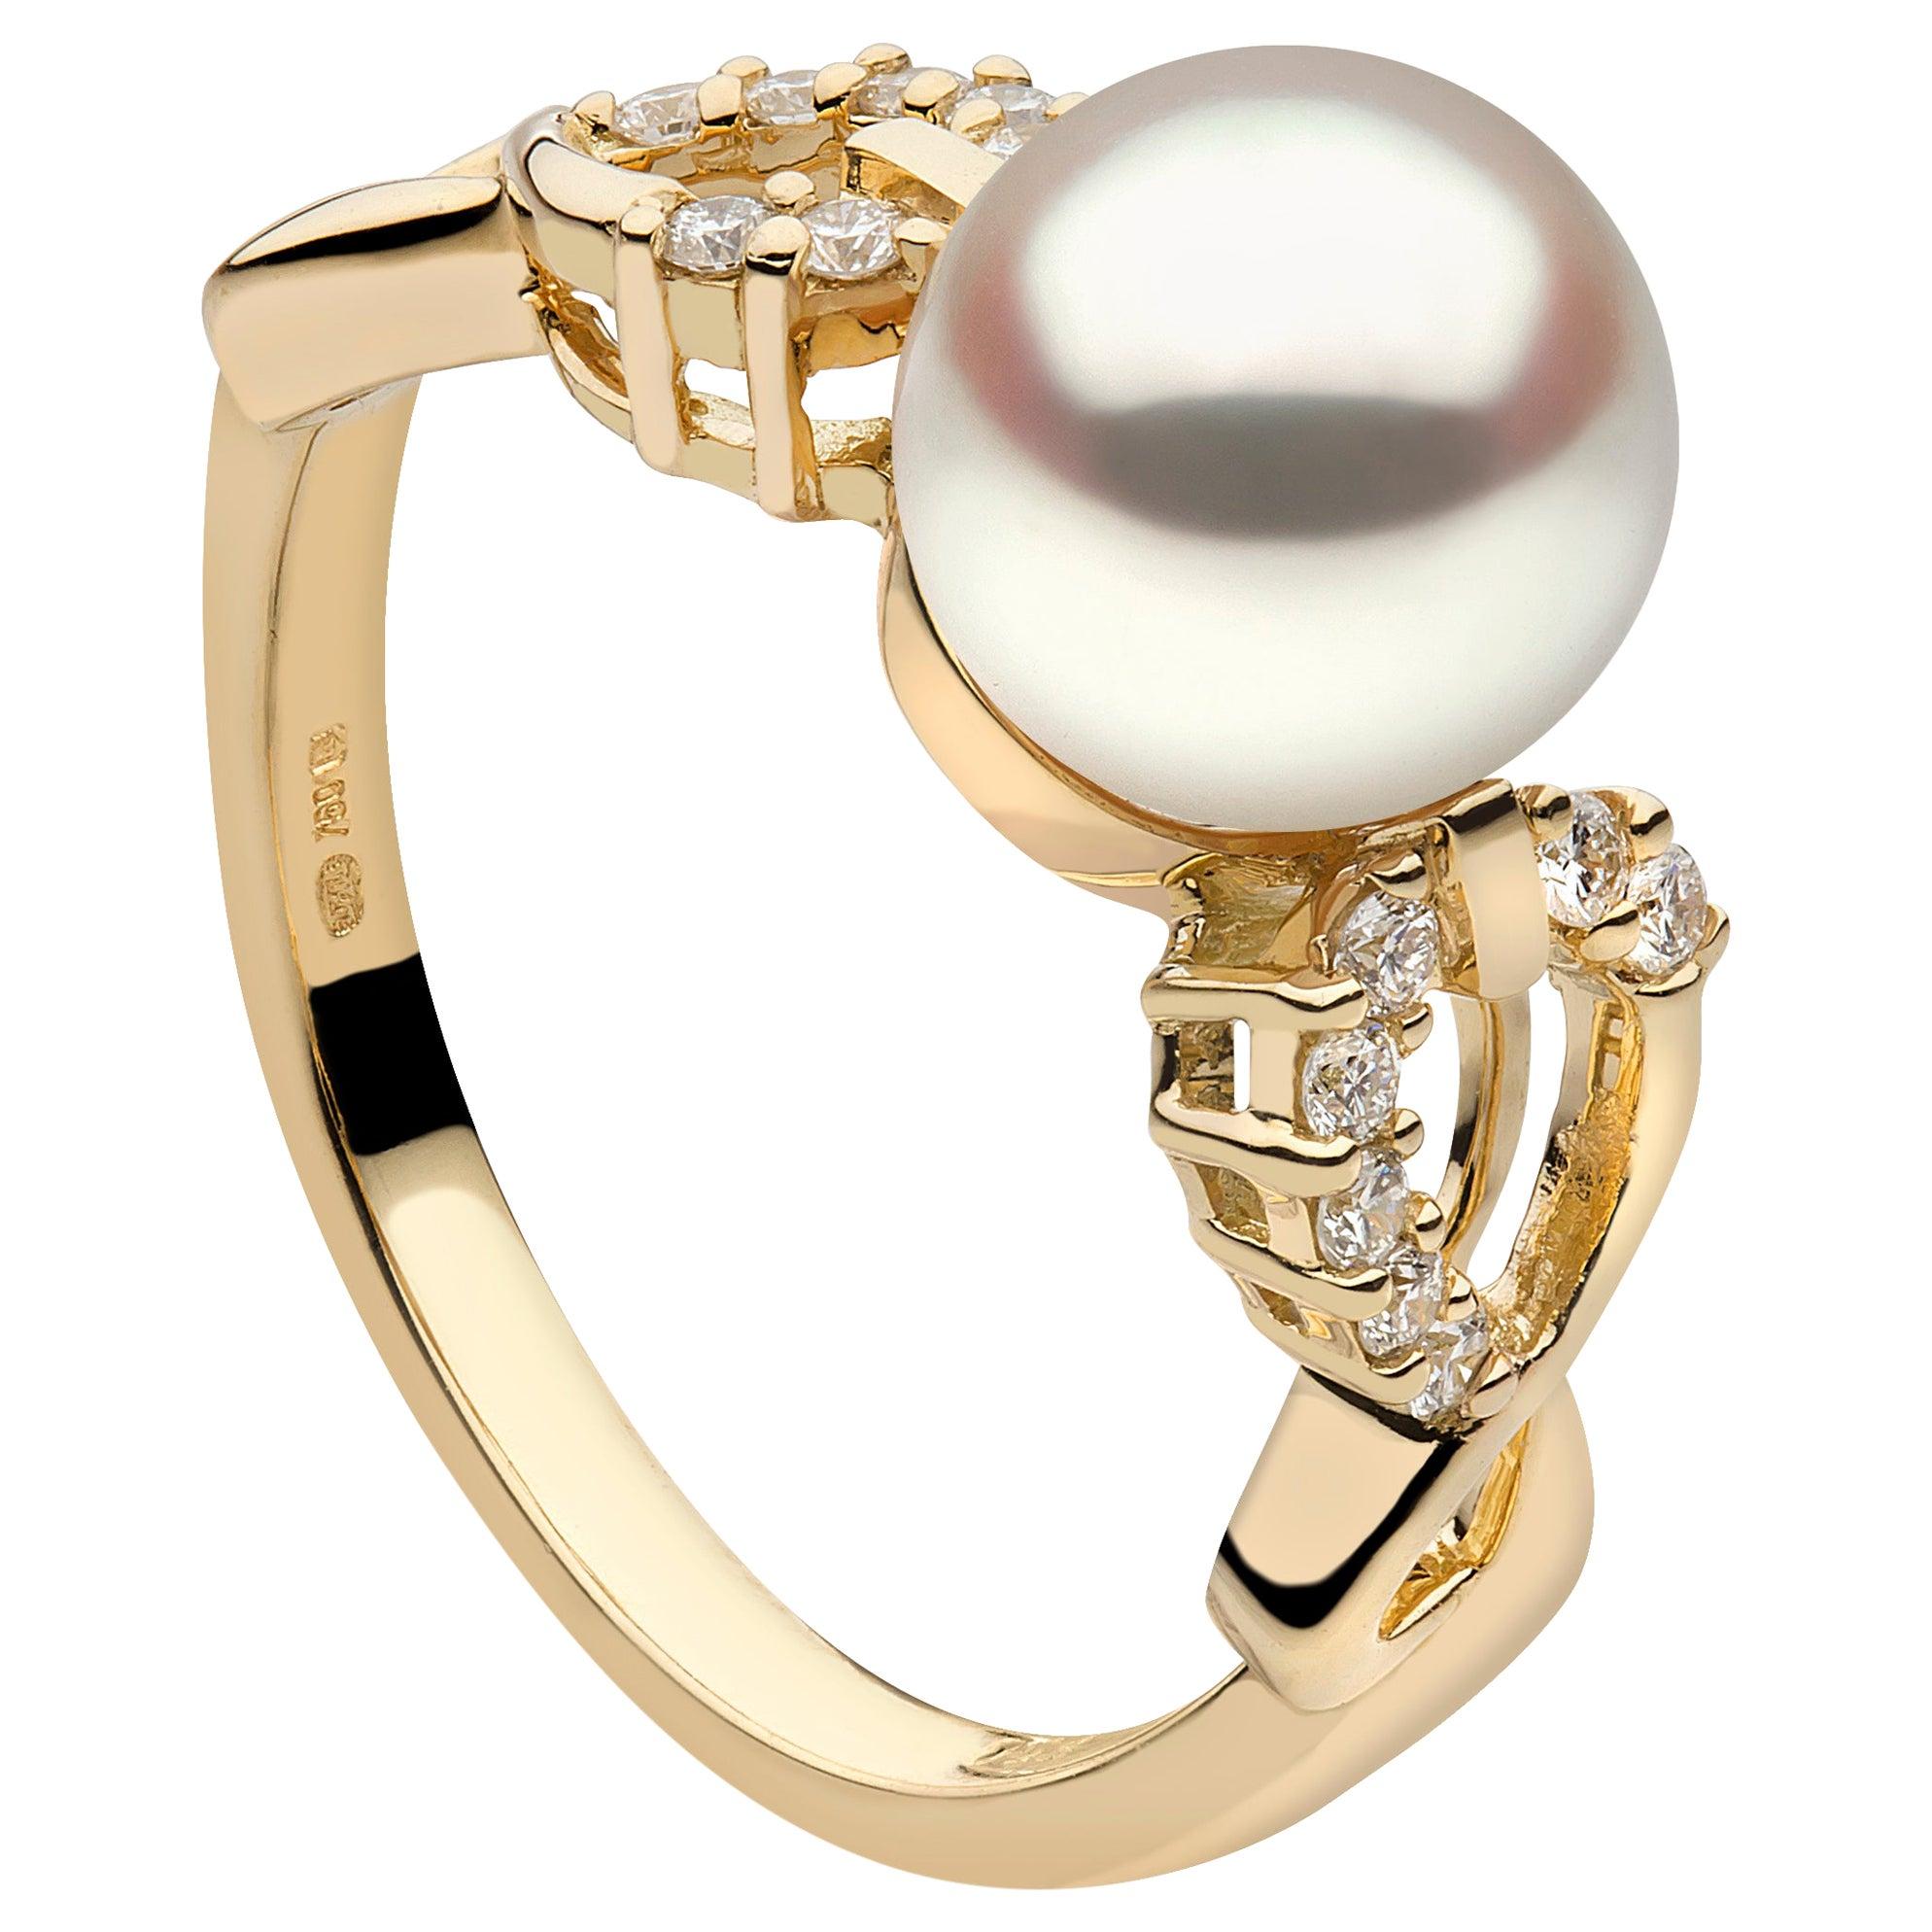 Yoko London South Sea Pearl and Diamond Ring in 18k Yellow Gold